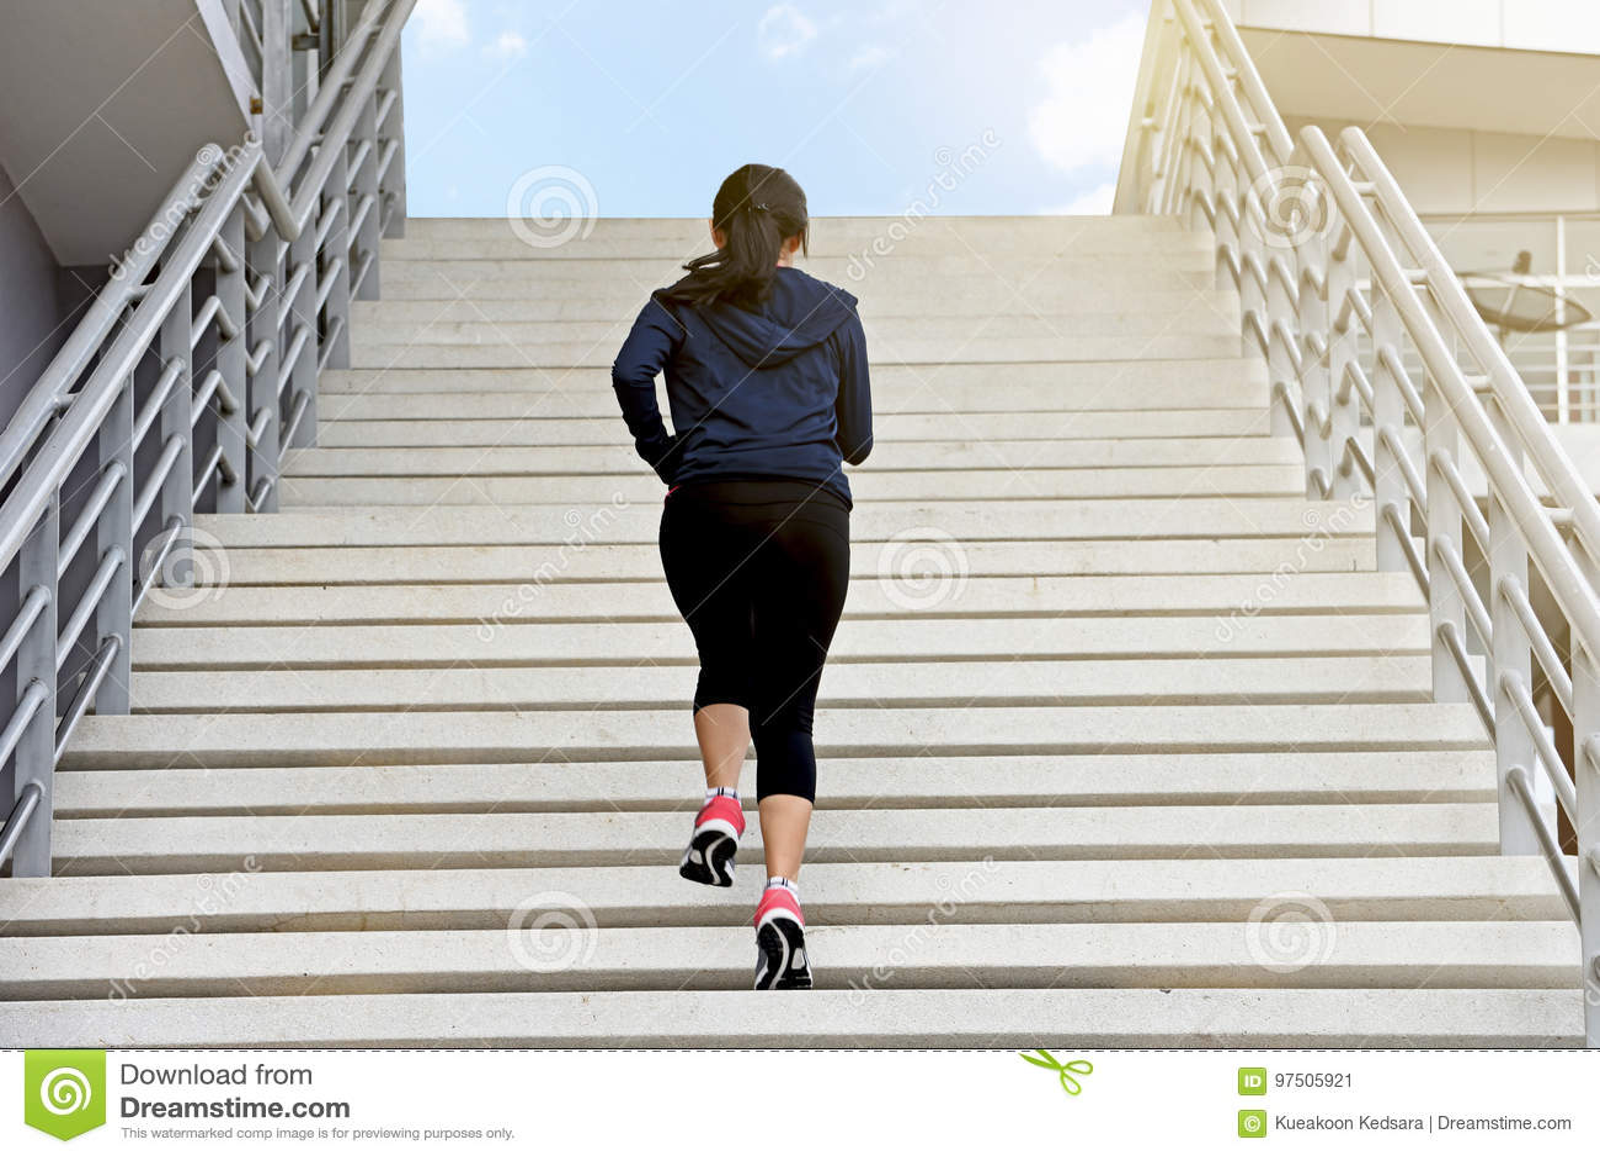 картинки где бегут люди бегут по лестнице кухни могут